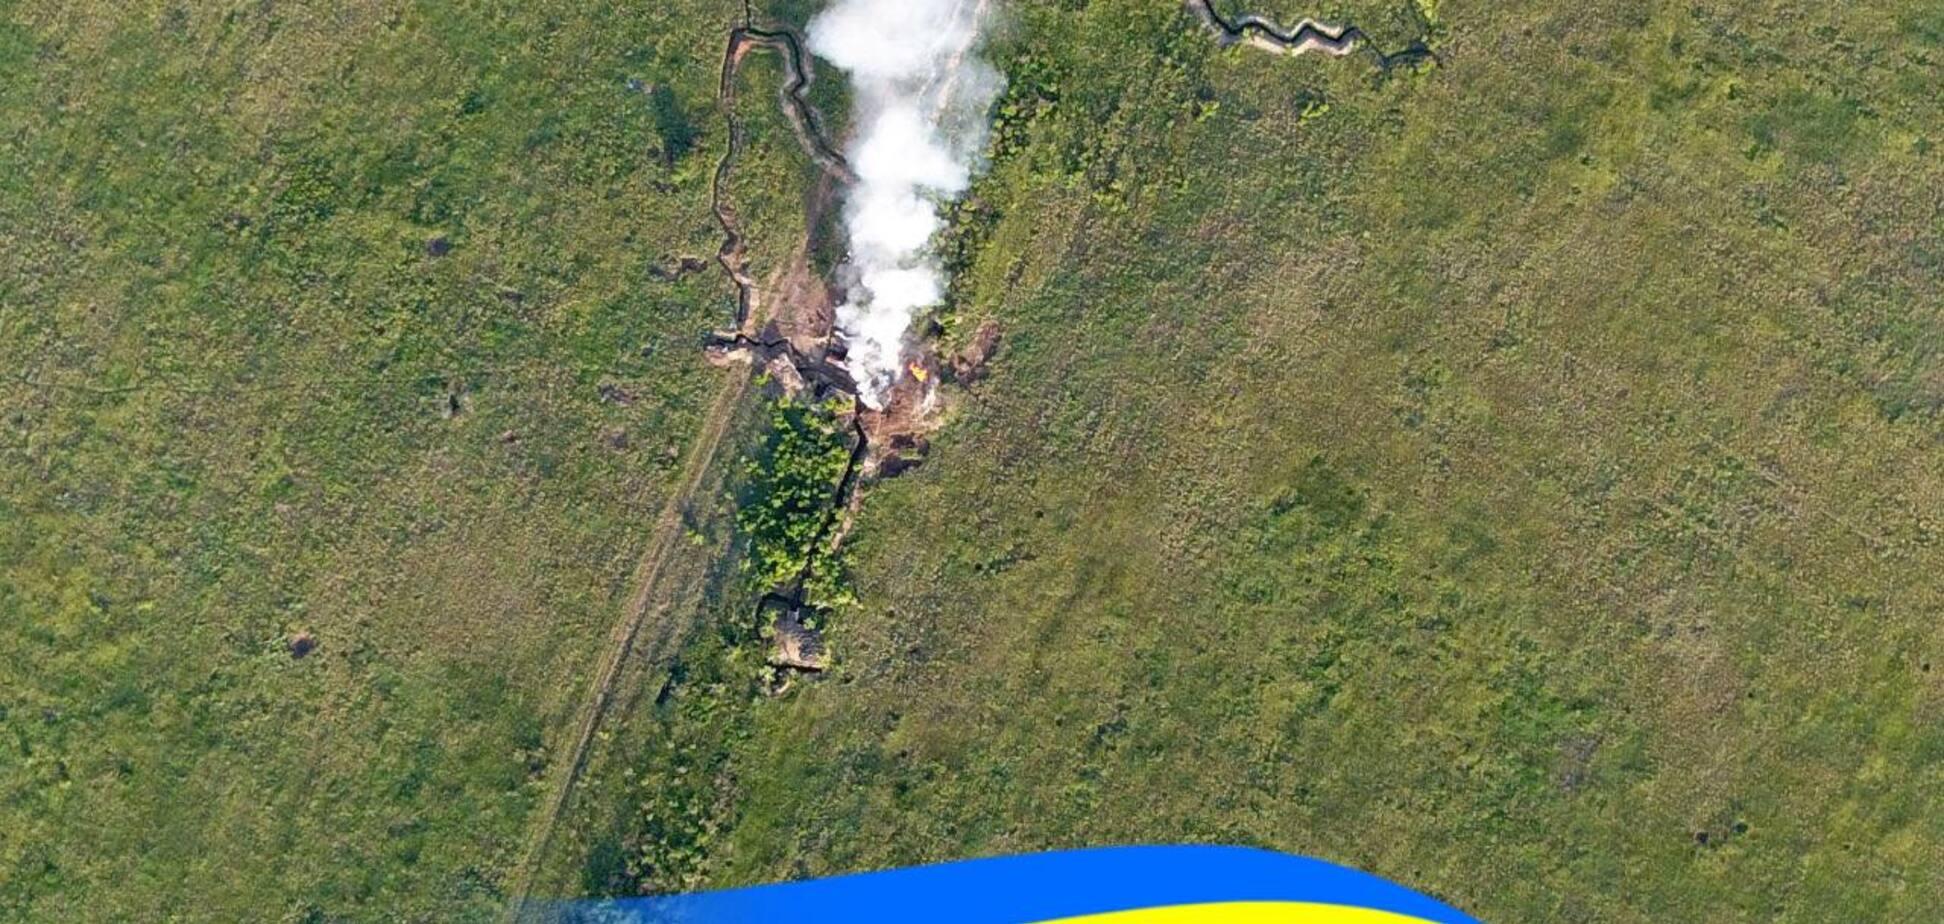 Вогонь і стовпи диму: українські військові розбили передову позицію терористів